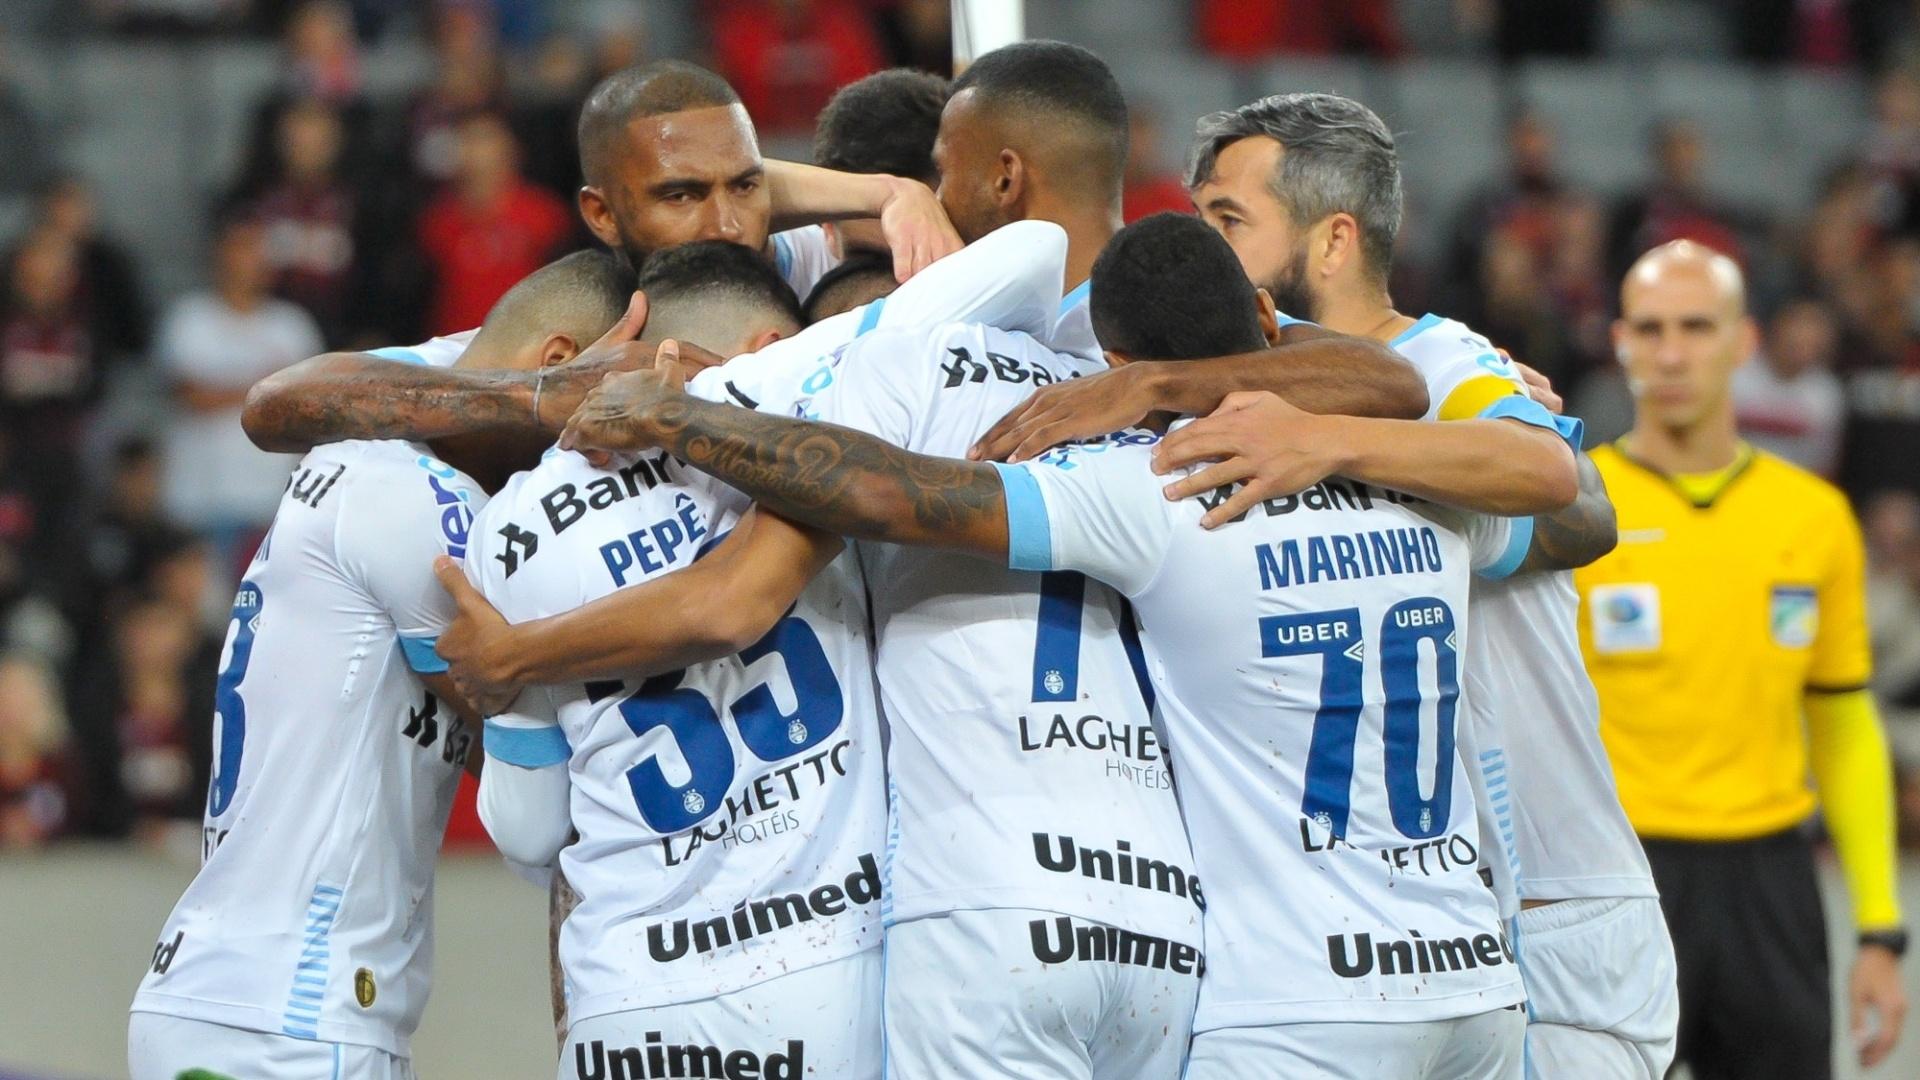 Jogadores do Grêmio comemoram gol de Cícero diante do Atlético-PR pelo Campeonato Brasileiro 2018